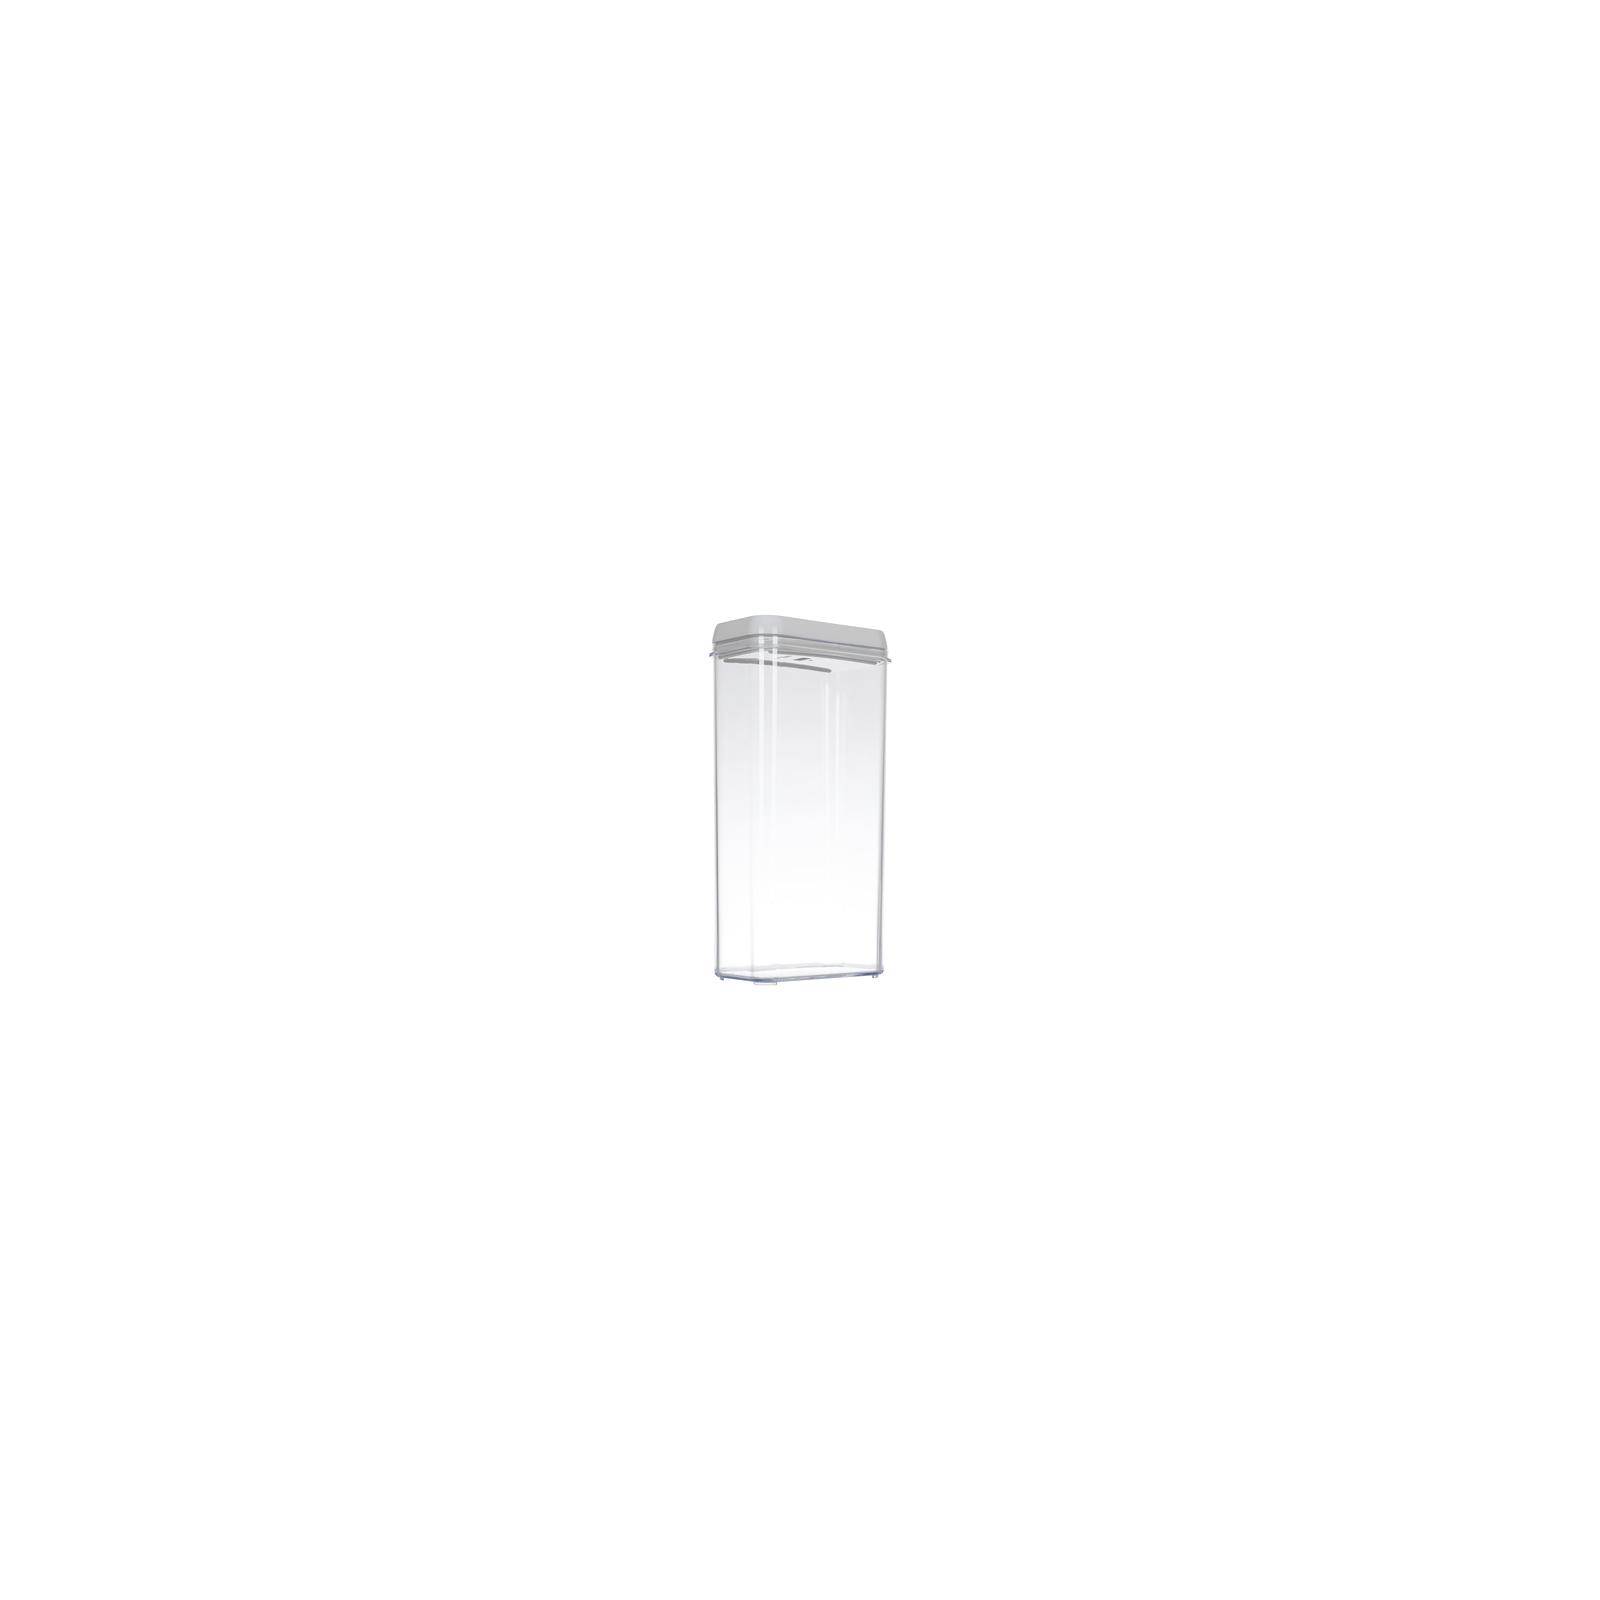 Пищевой контейнер Herevin Luxor Bianca White 3.0 л (161193-001) изображение 3